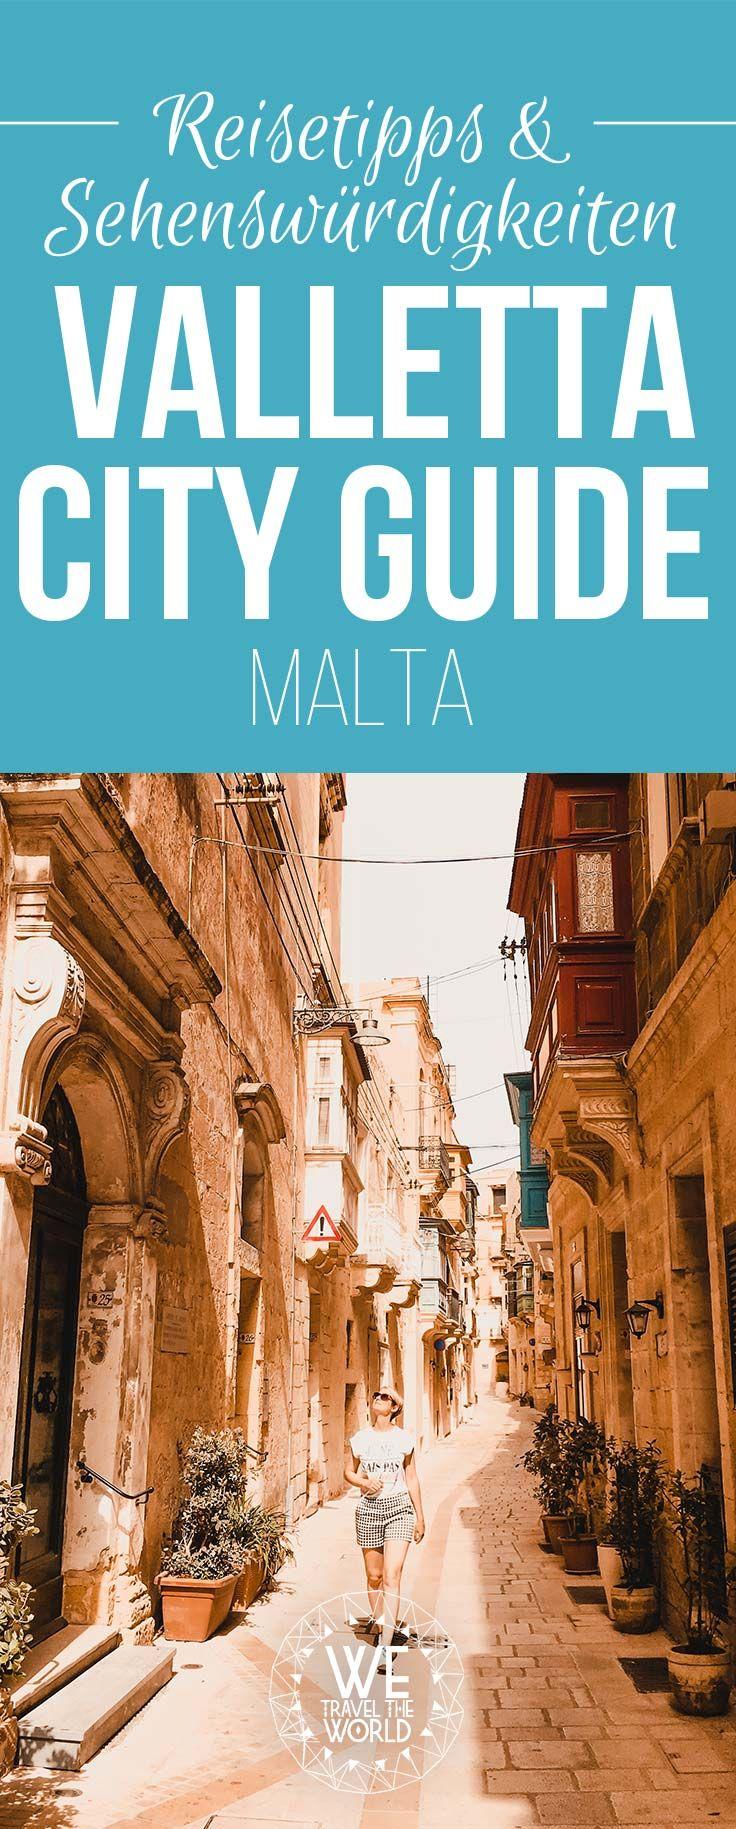 Unser Valletta City Guide ist da! Du planst einen Malta Urlaub? Dann findest du hier alles was du für deinen Valletta Städtetrip wissen musst. #städtereise #cityguide #kurzurlaub #reisetipps #städtereise